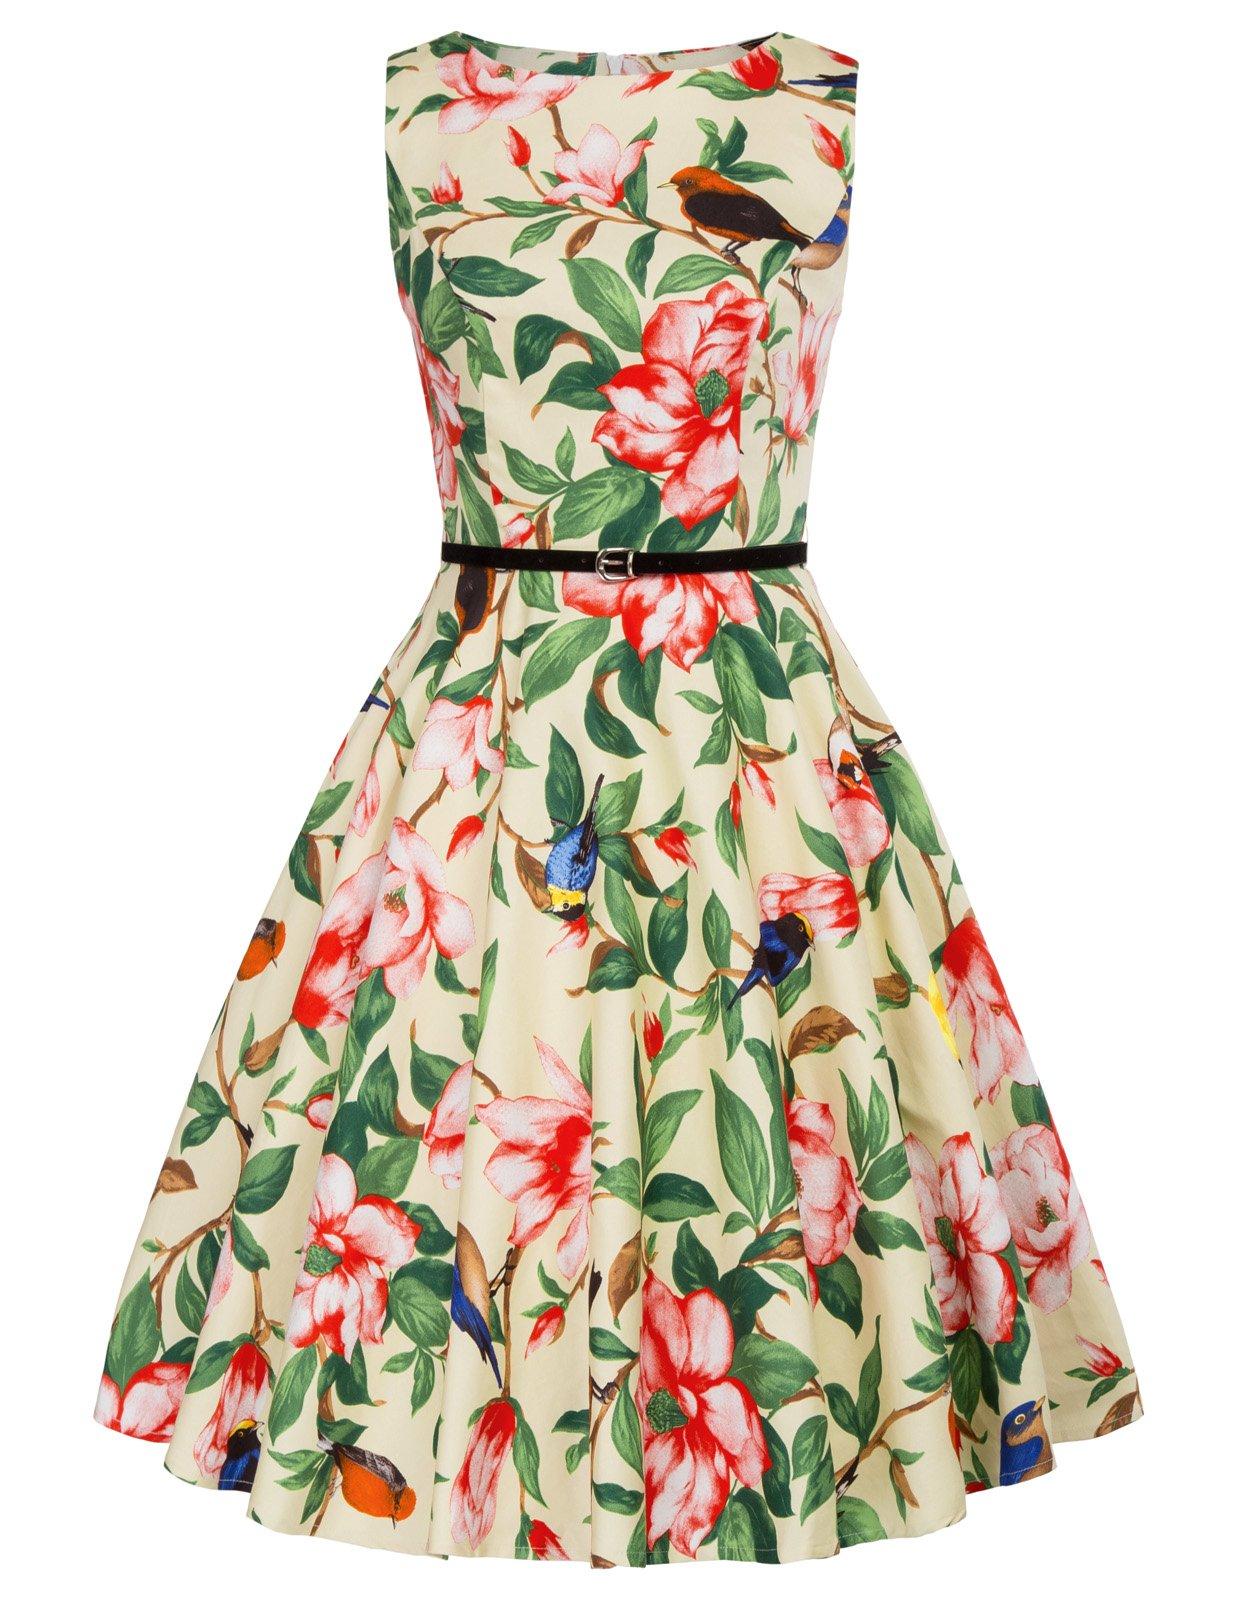 GRACE KARIN Vestido Floral para Fiesta Estampado Vintage Años 50 Retro product image